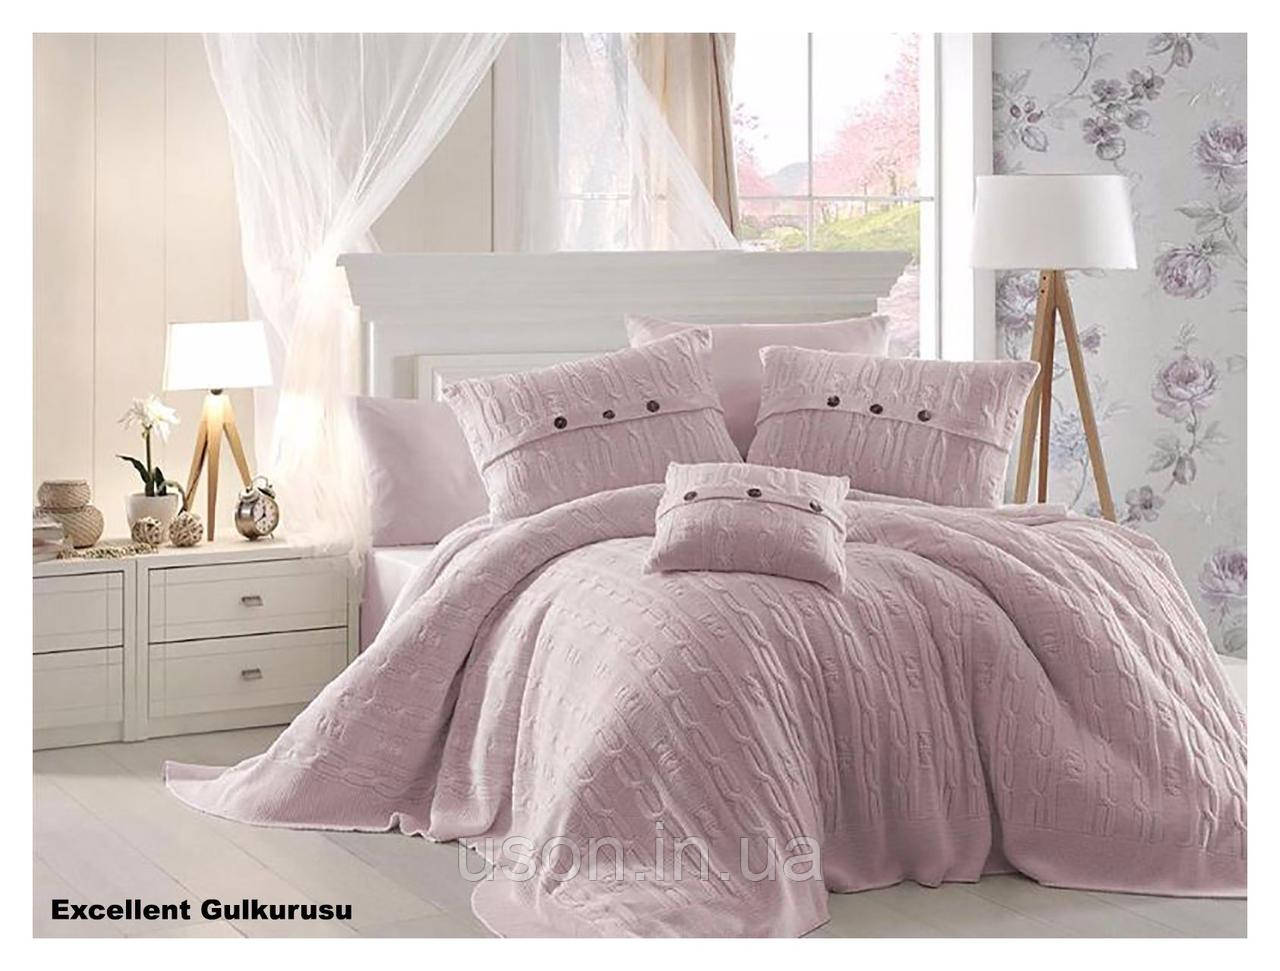 Комплект постельного белья  first choice евро размер c покрывалом Nirvana Excellent gulkurusu